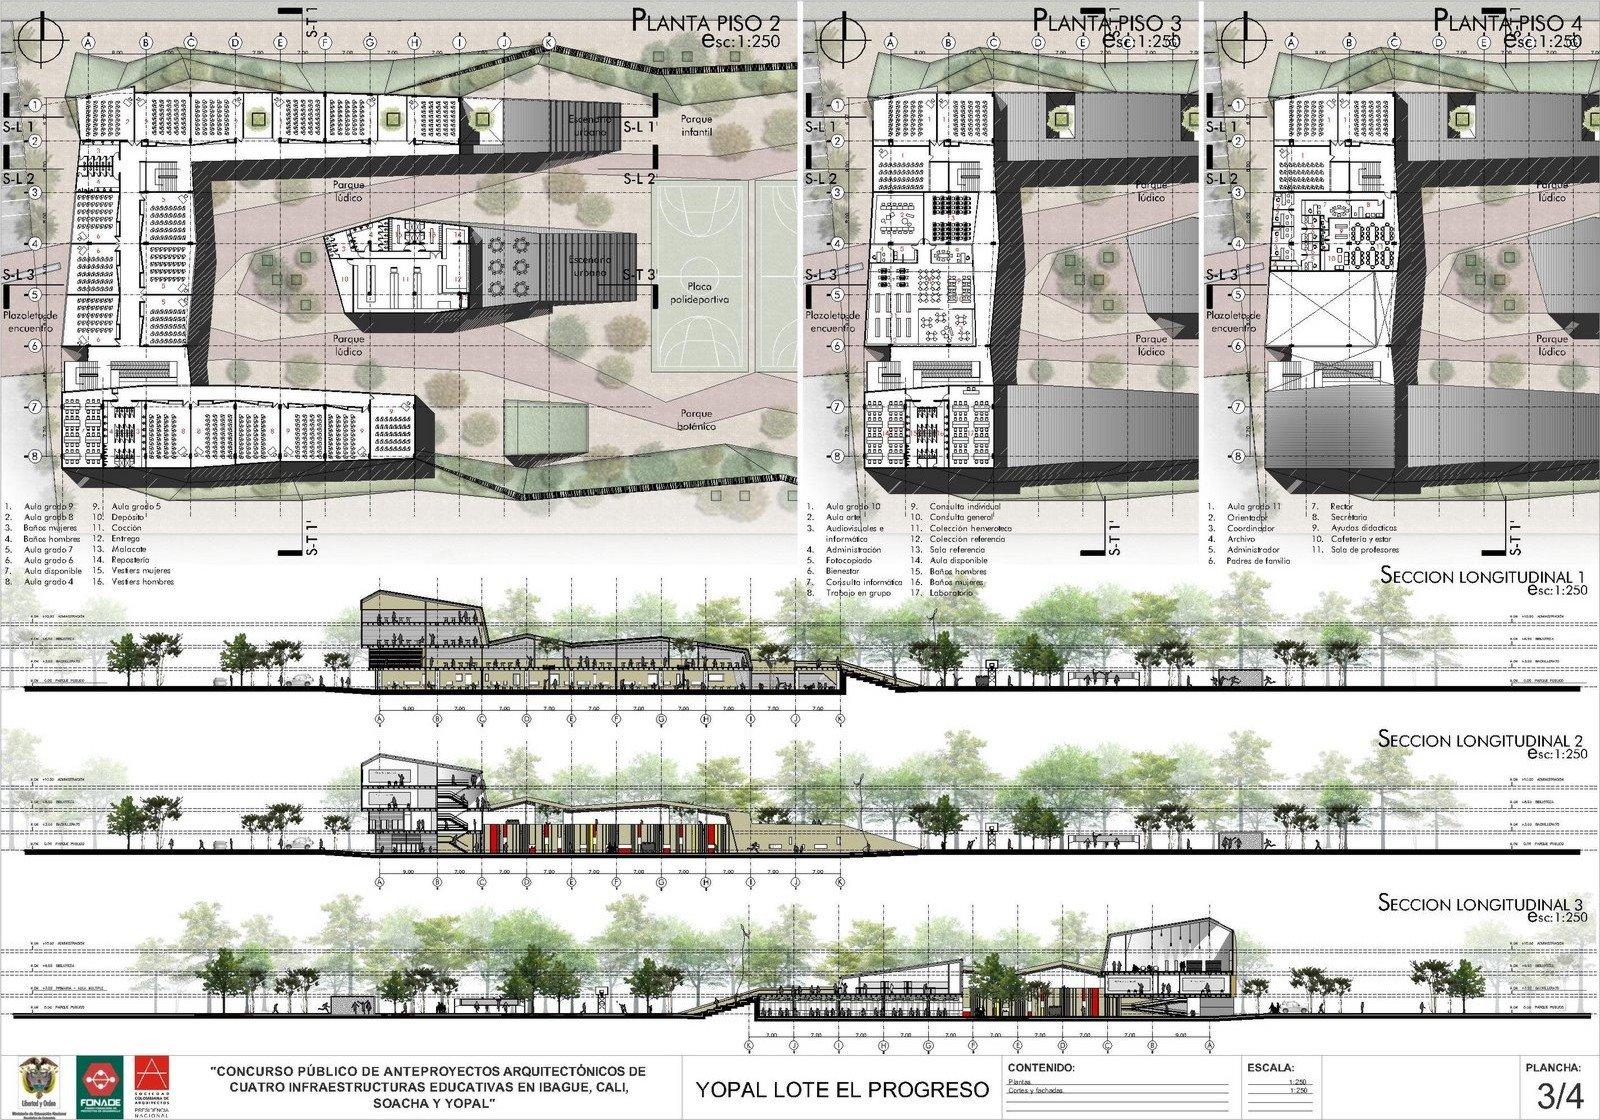 concursos 2 proyecta arquitectura